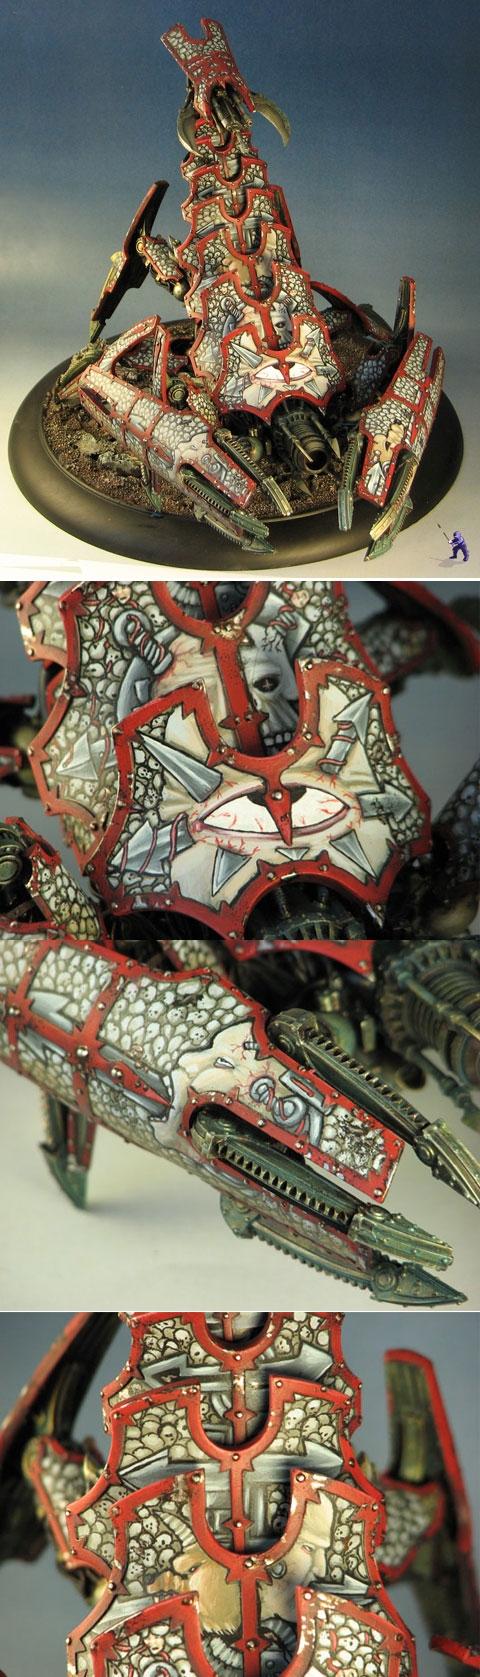 Decorated Brass Scorpion